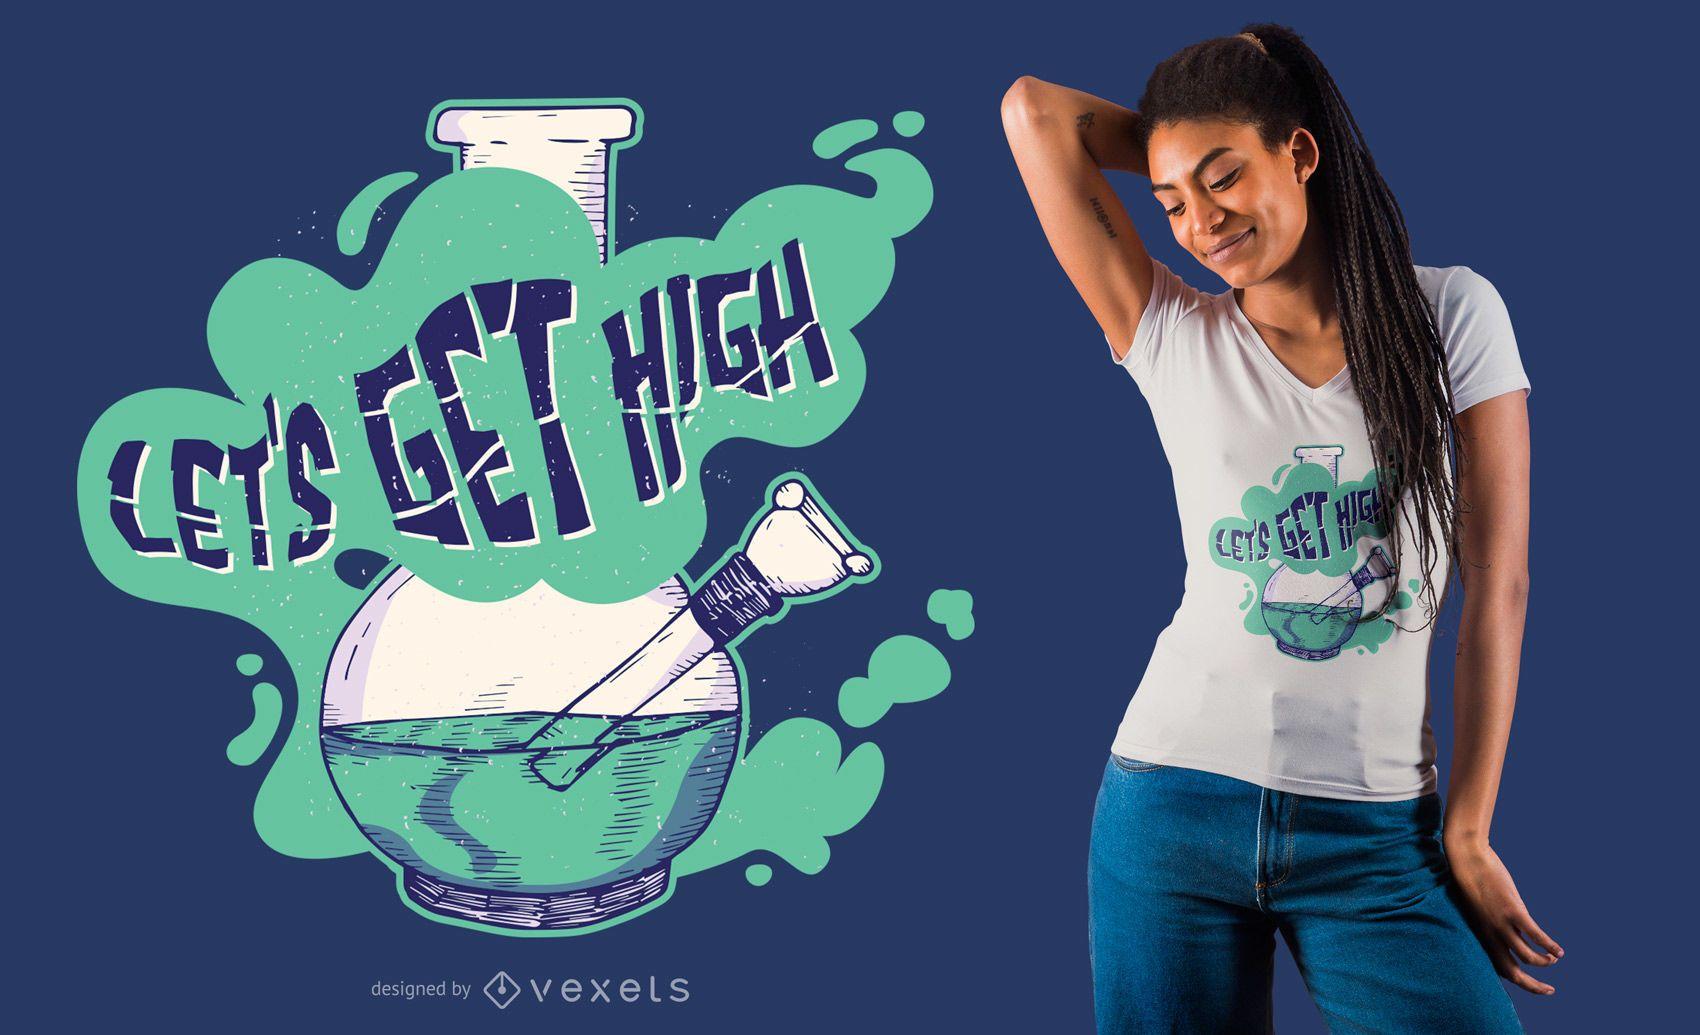 Lets get high t-shirt design